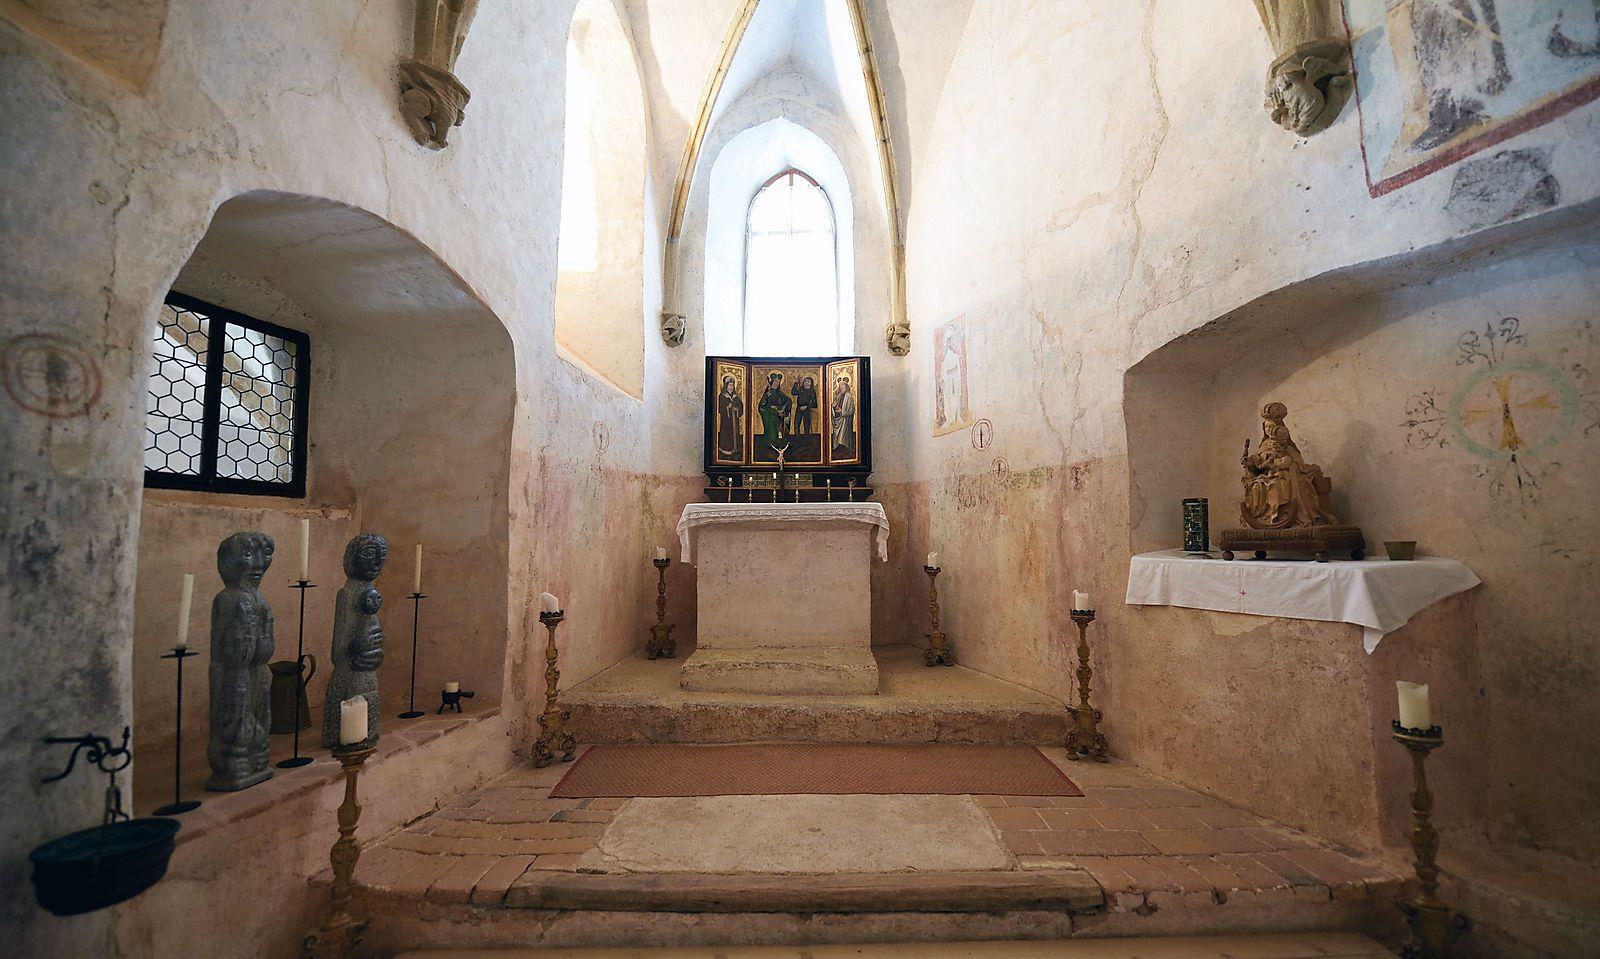 Die Kapelle (ganz r.) liegt im ältesten Teil der Burg, der Flügelaltar stammt aus dem 15. Jahrhundert.